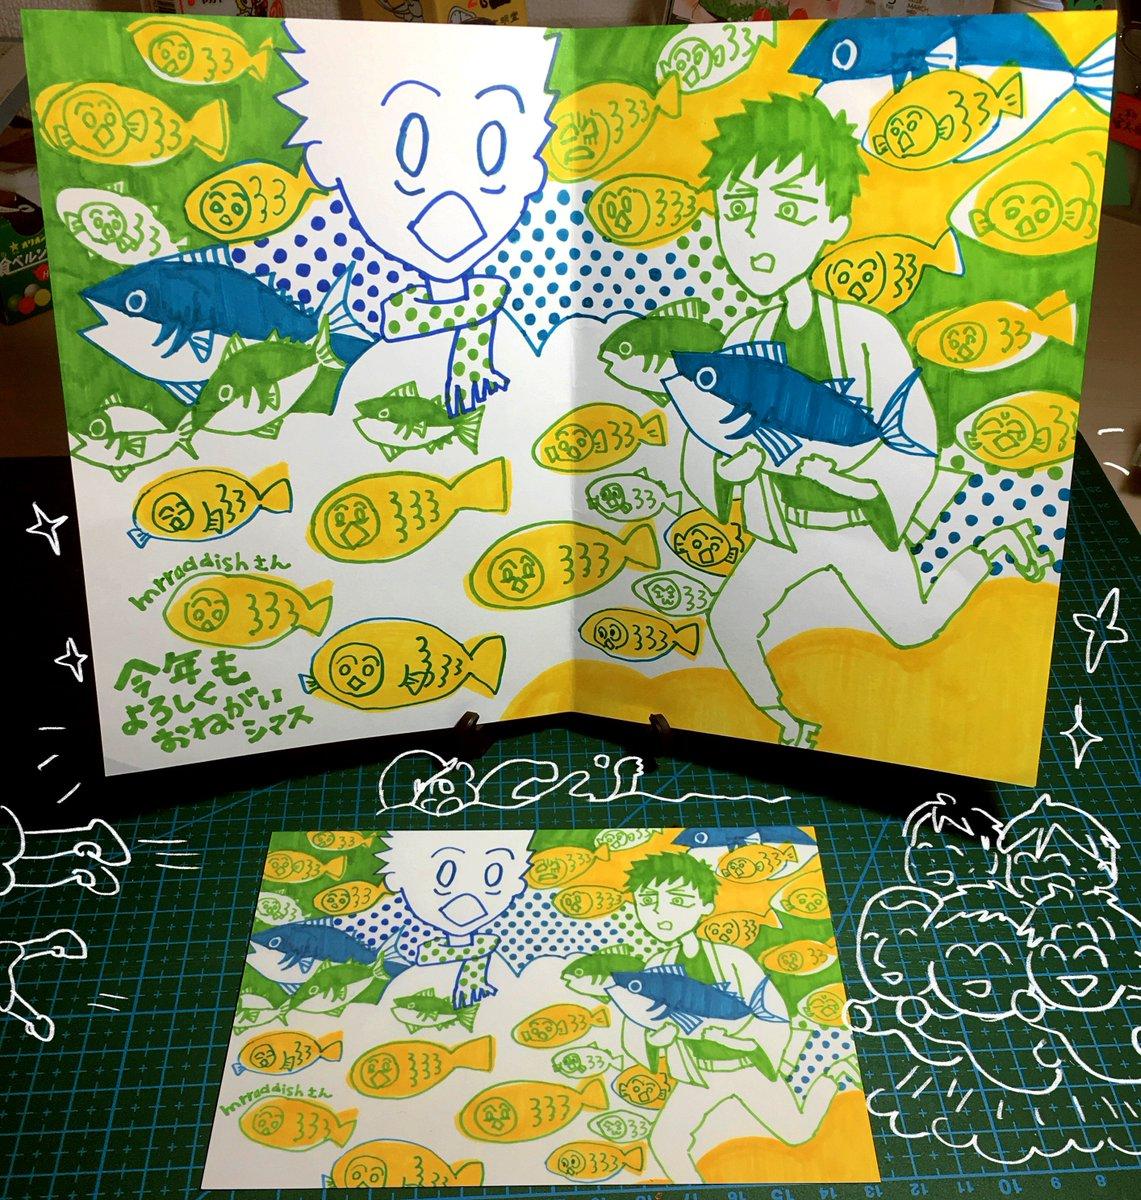 ワカチさん@biri_pan から年賀状をいただきました!大きい原画も一緒にいただいて、すっごく嬉しい😭カツオになって、ミハシ魚の大群と一緒に飛びたい🐟ーー